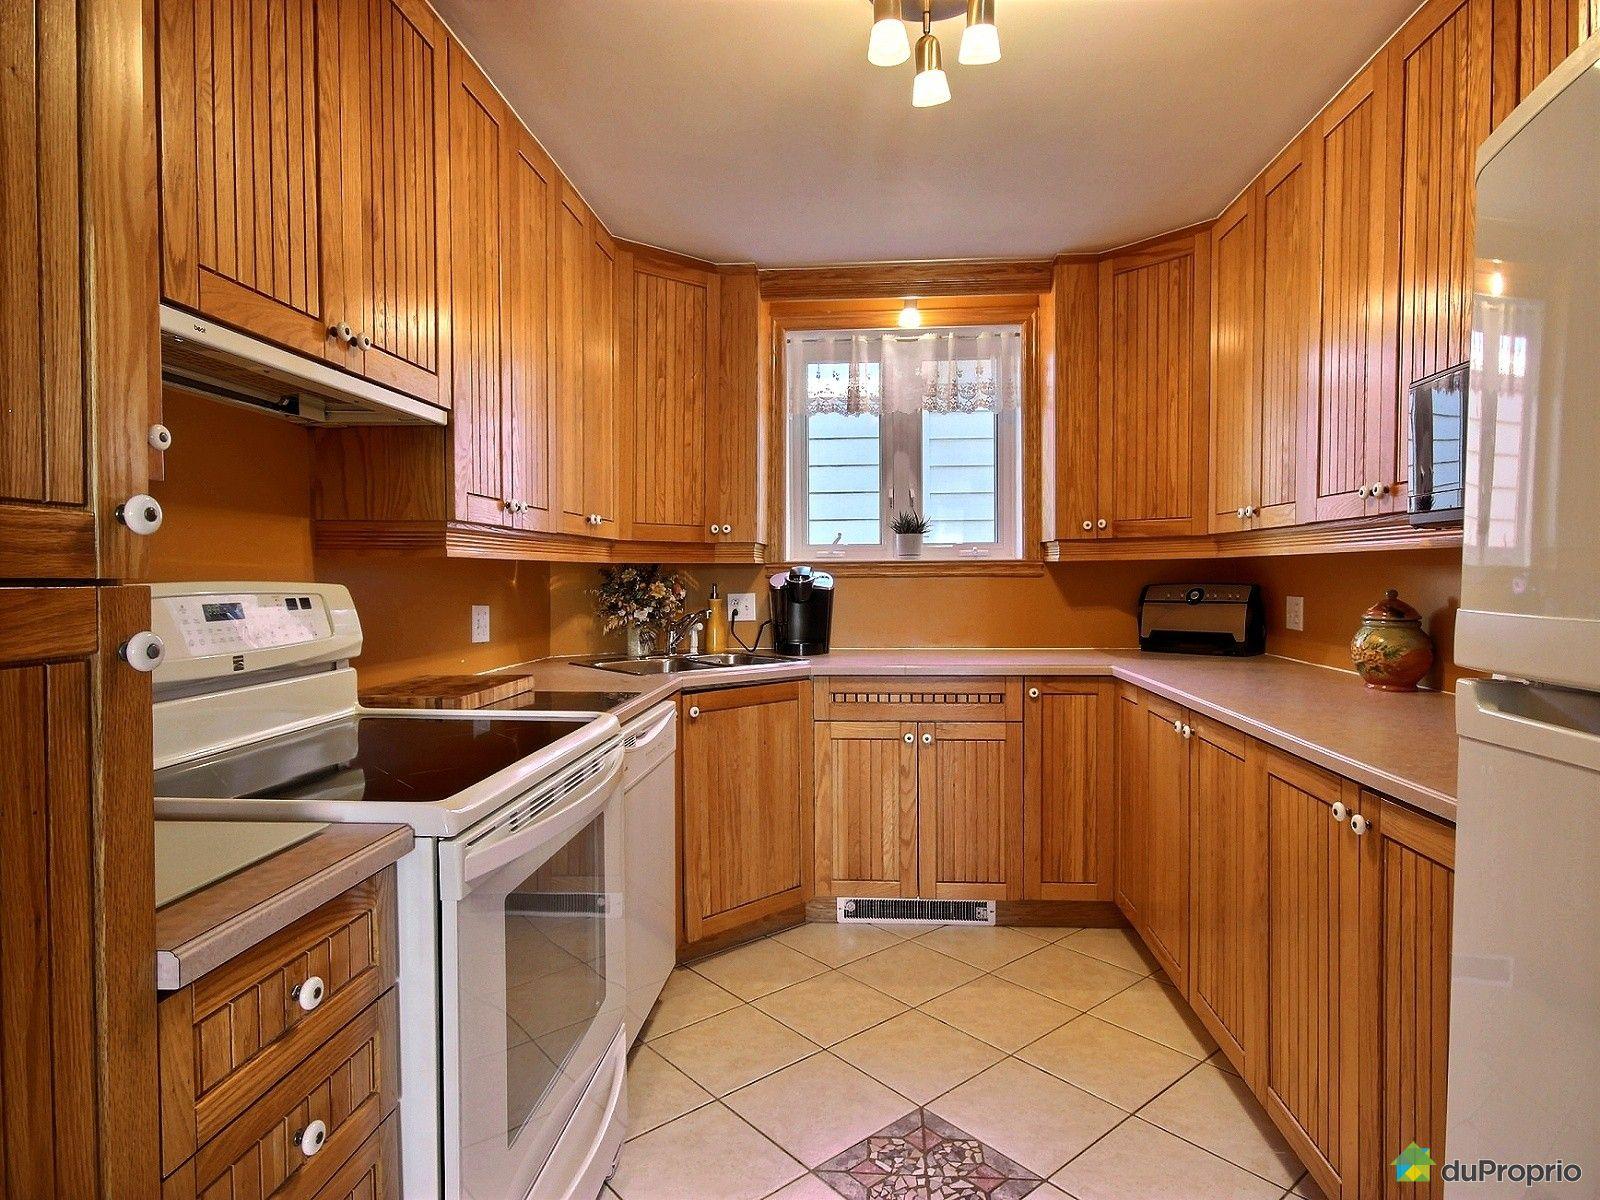 Maison vendre drummondville 237 rue dorion immobilier for Armoire de cuisine drummondville